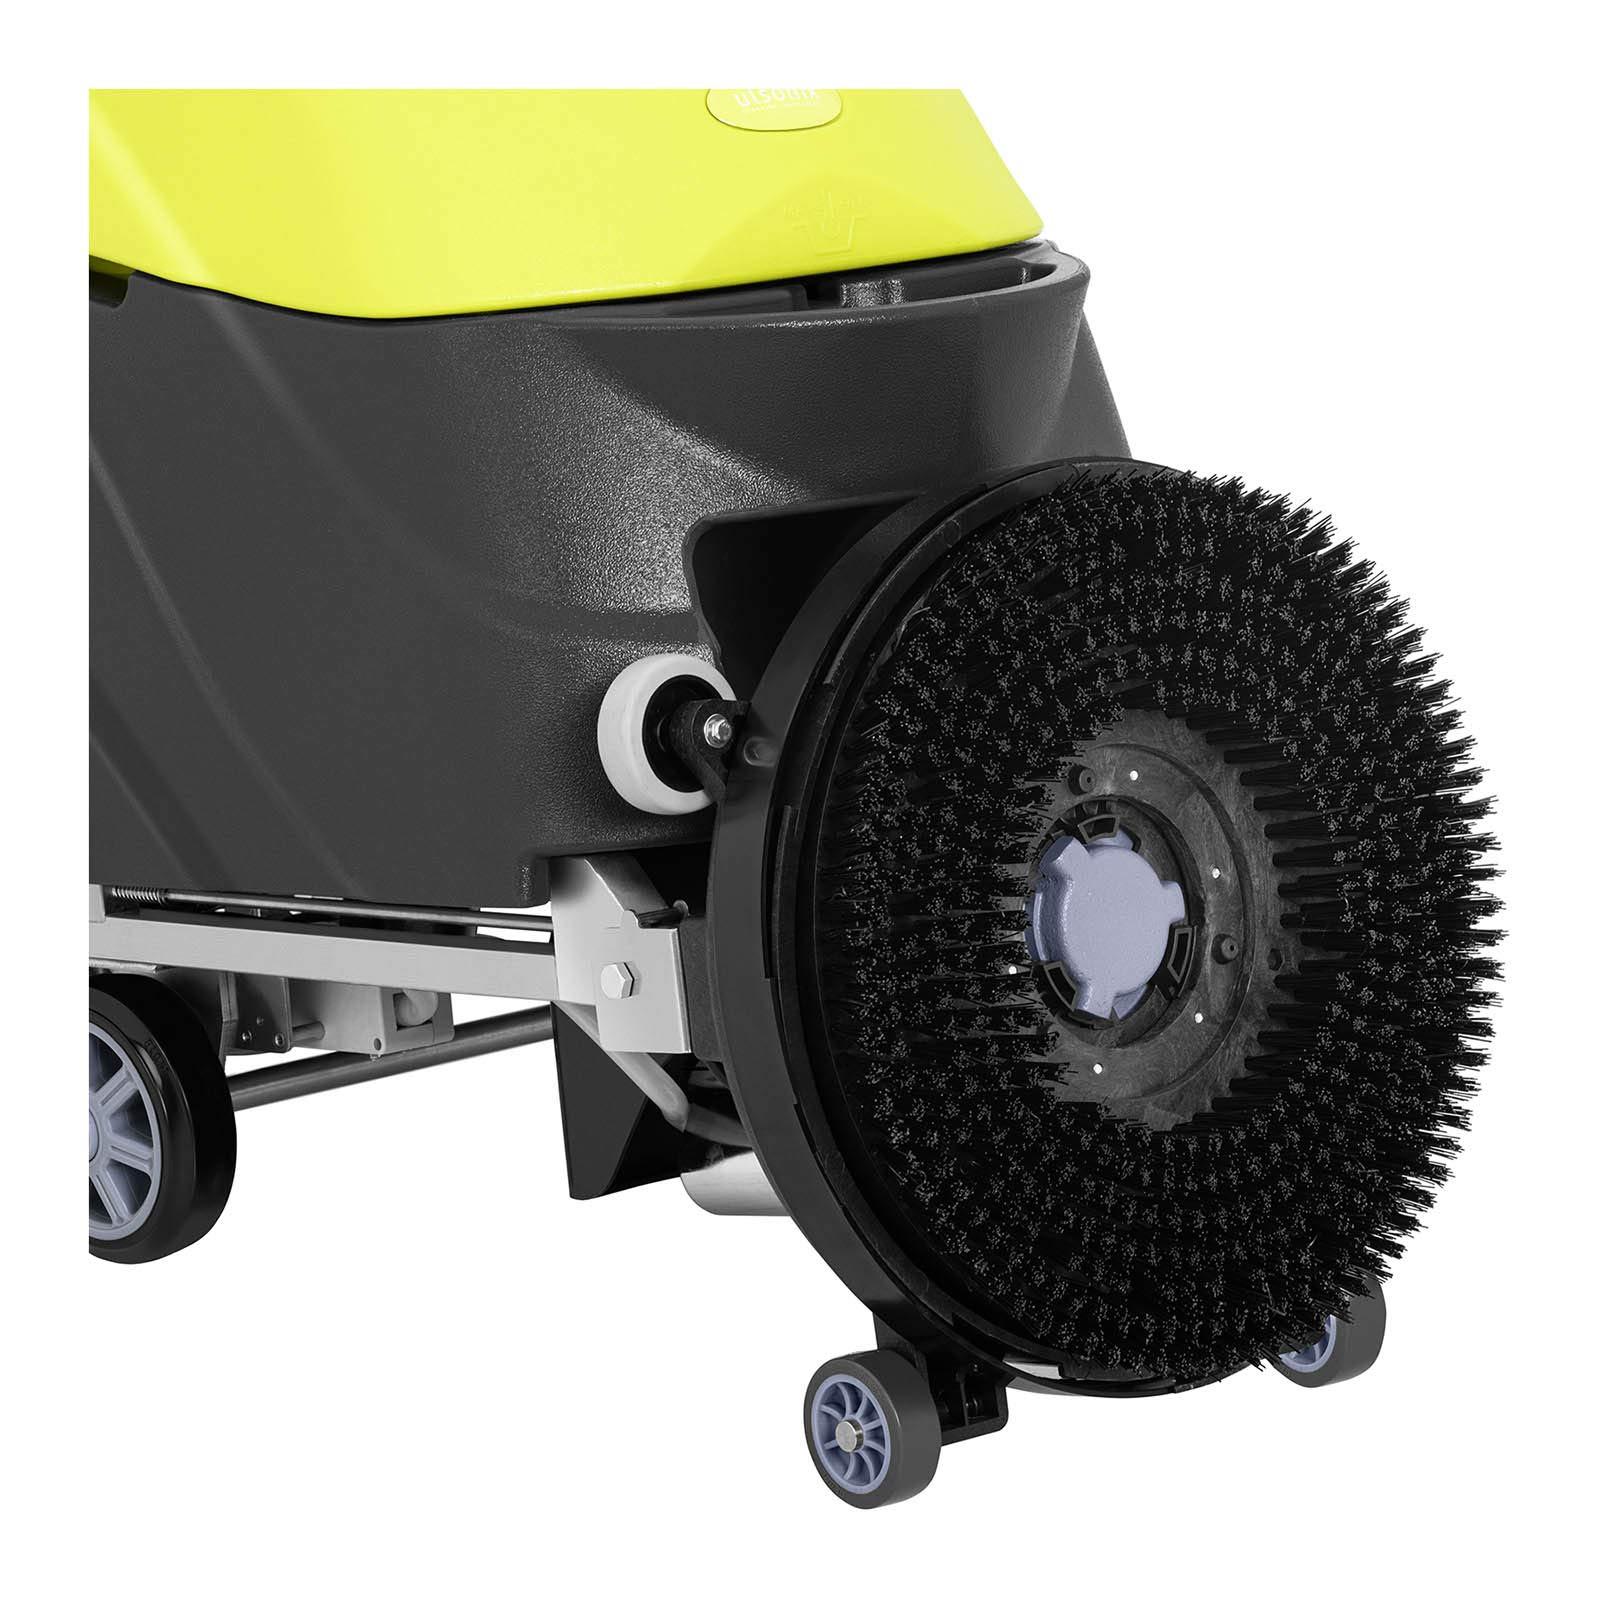 ulsonix Fregadora Aspiradora Industrial Fregador De Suelos TOPCLEAN 1600 (Ruedas de poliuretano, Potencia 1.600 W, Cepillo de Ø 45,5 cm, Área máx.: 1.600 m2/h): Amazon.es: Bricolaje y herramientas